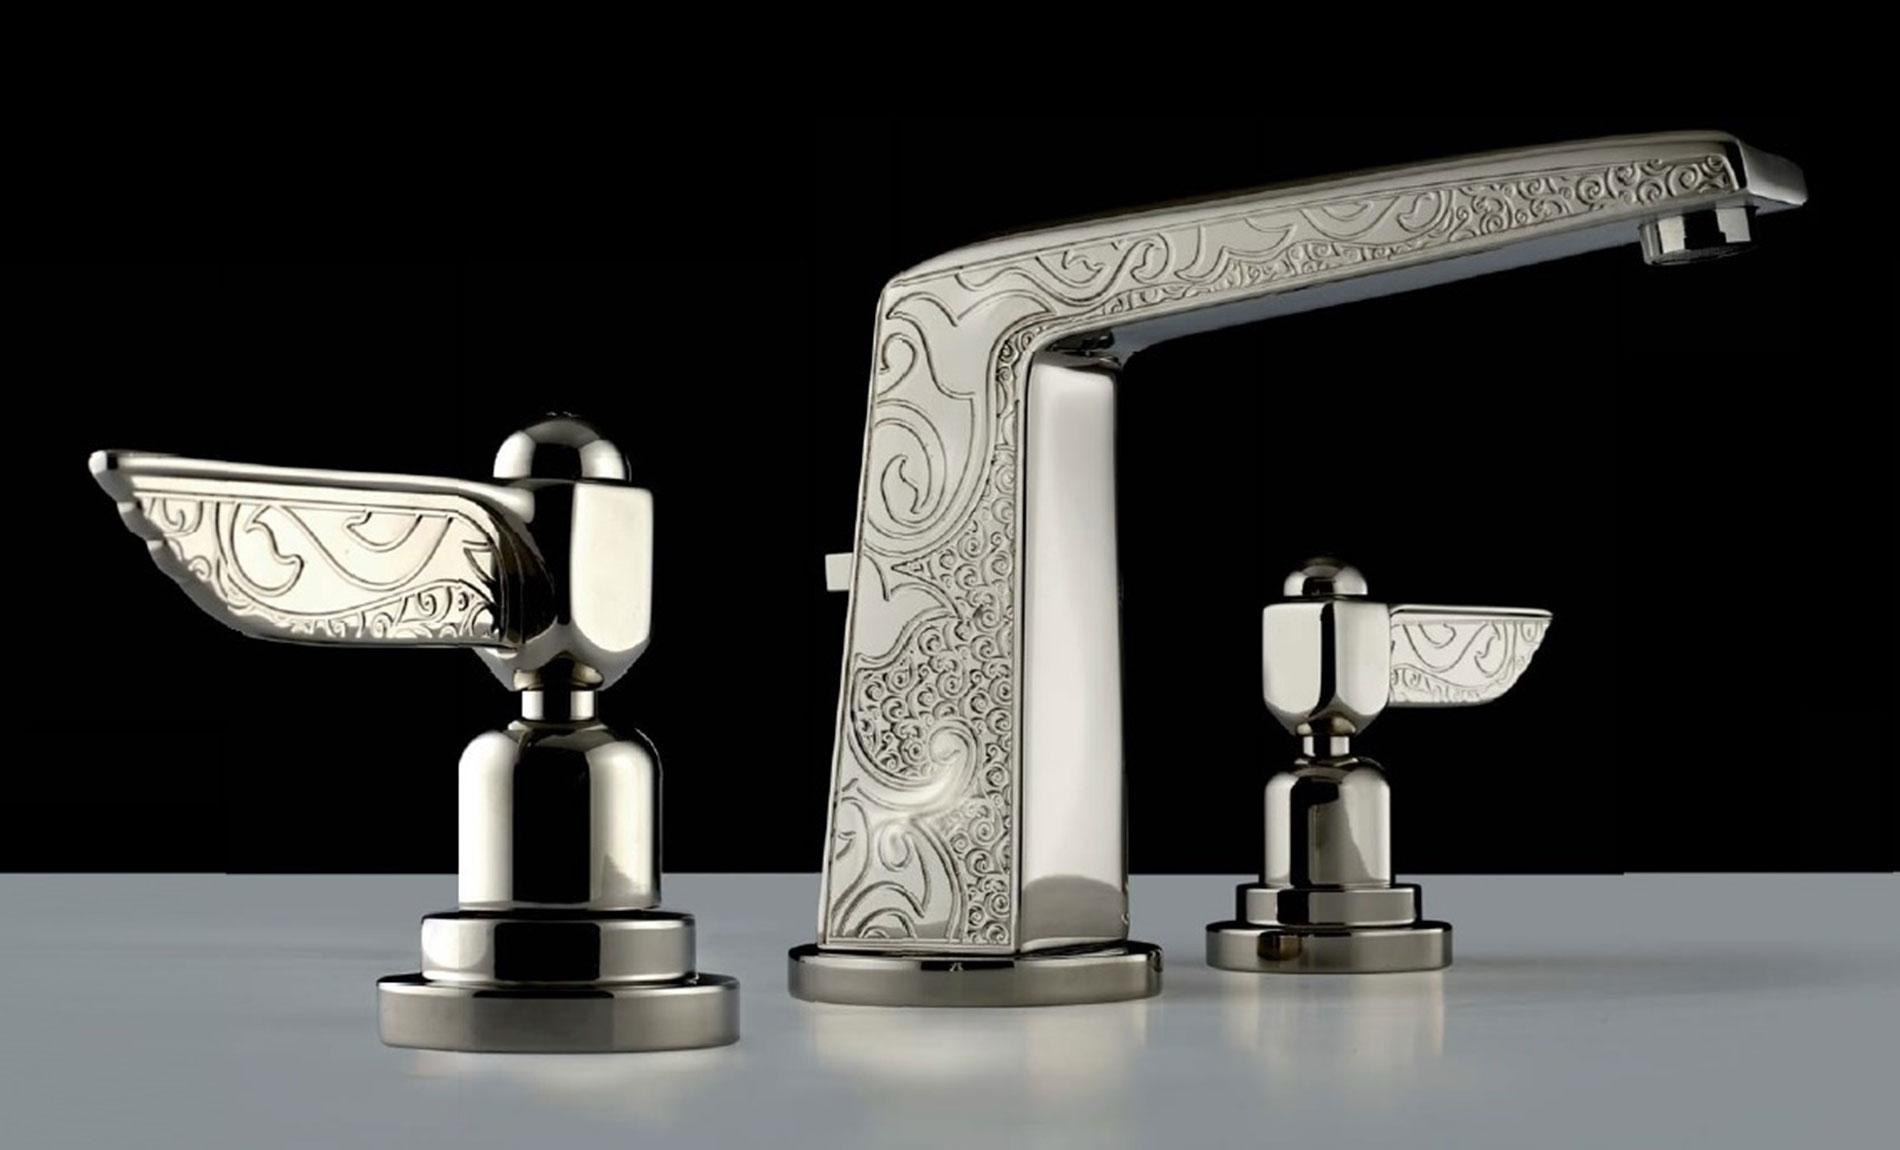 Batteria lavabo scarico automatico - con vitone ceramico in stile Liberty